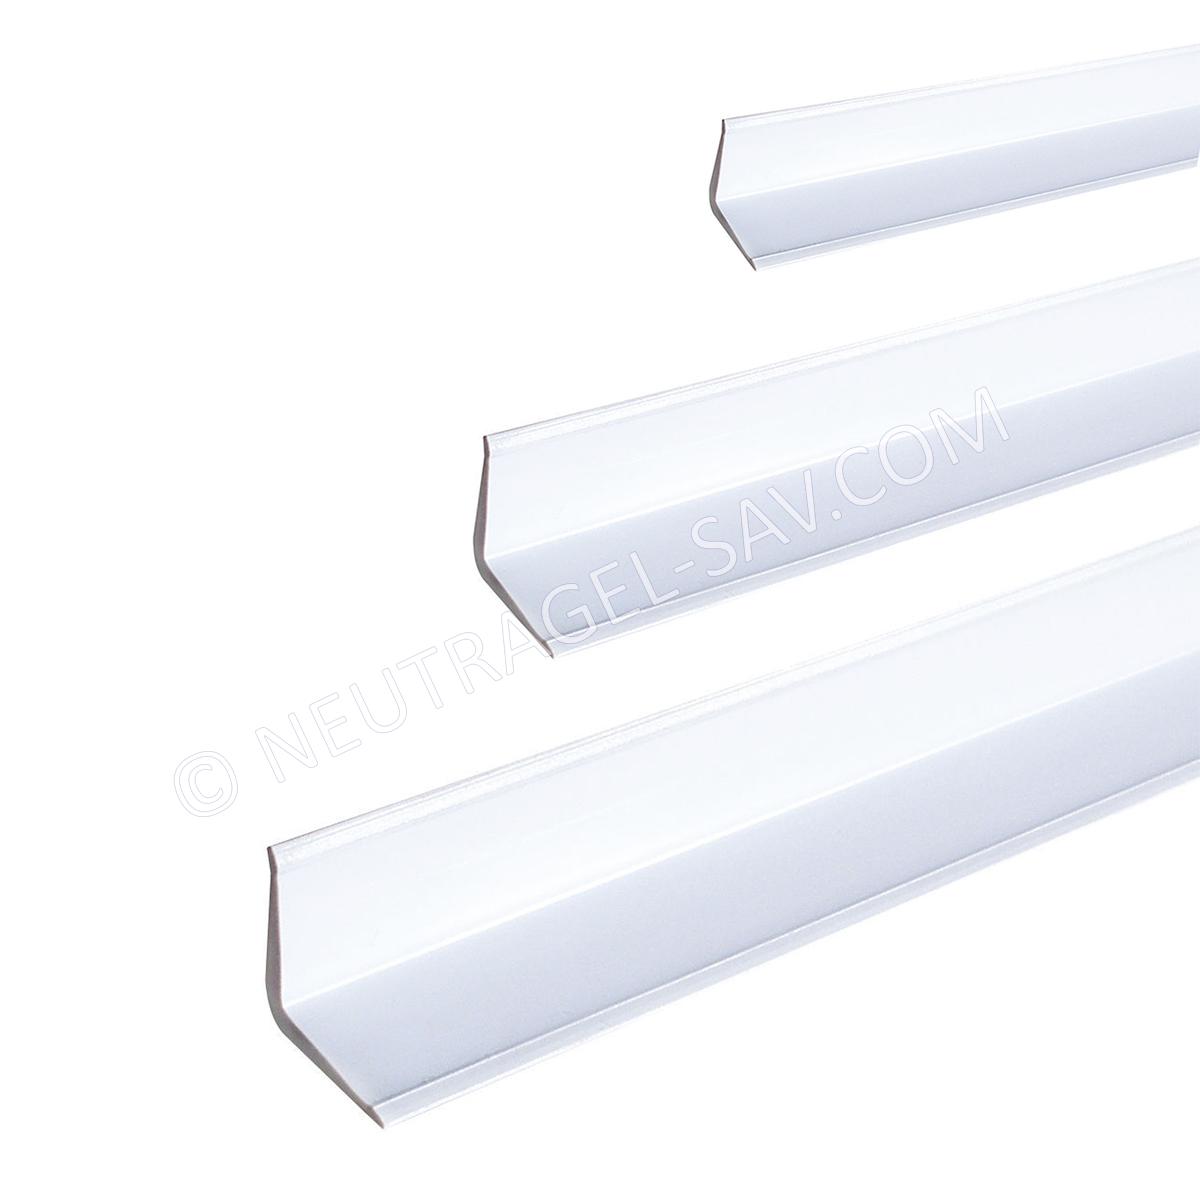 Profile Corniere D Habillage Et De Protection En Pvc Blanc Cote 100x60x2 5 Mm